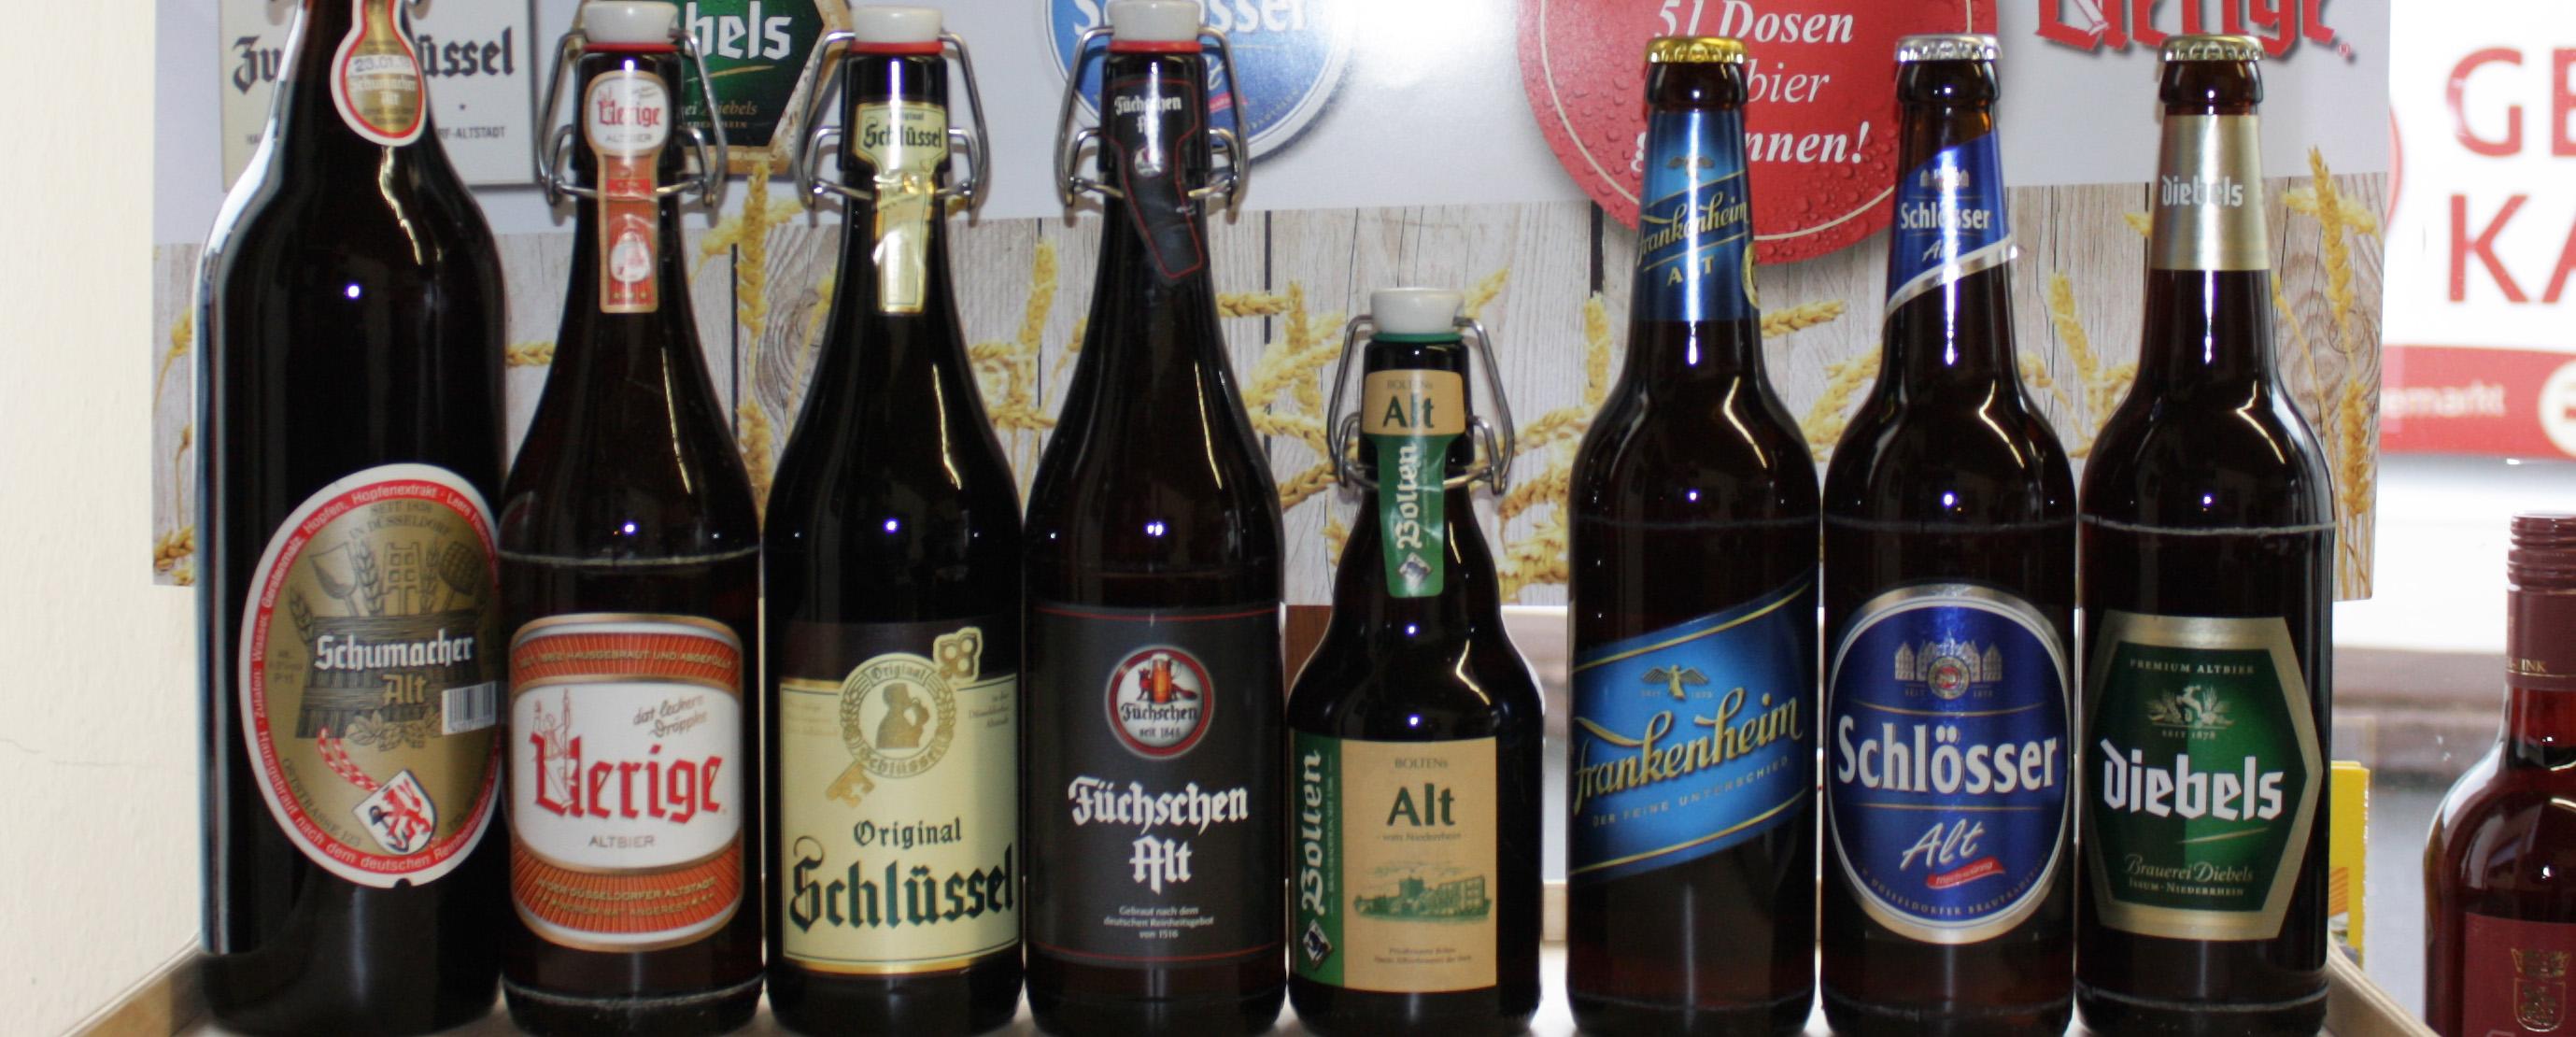 """Römer Getränke: """"Altbier des Jahres"""" gesucht"""